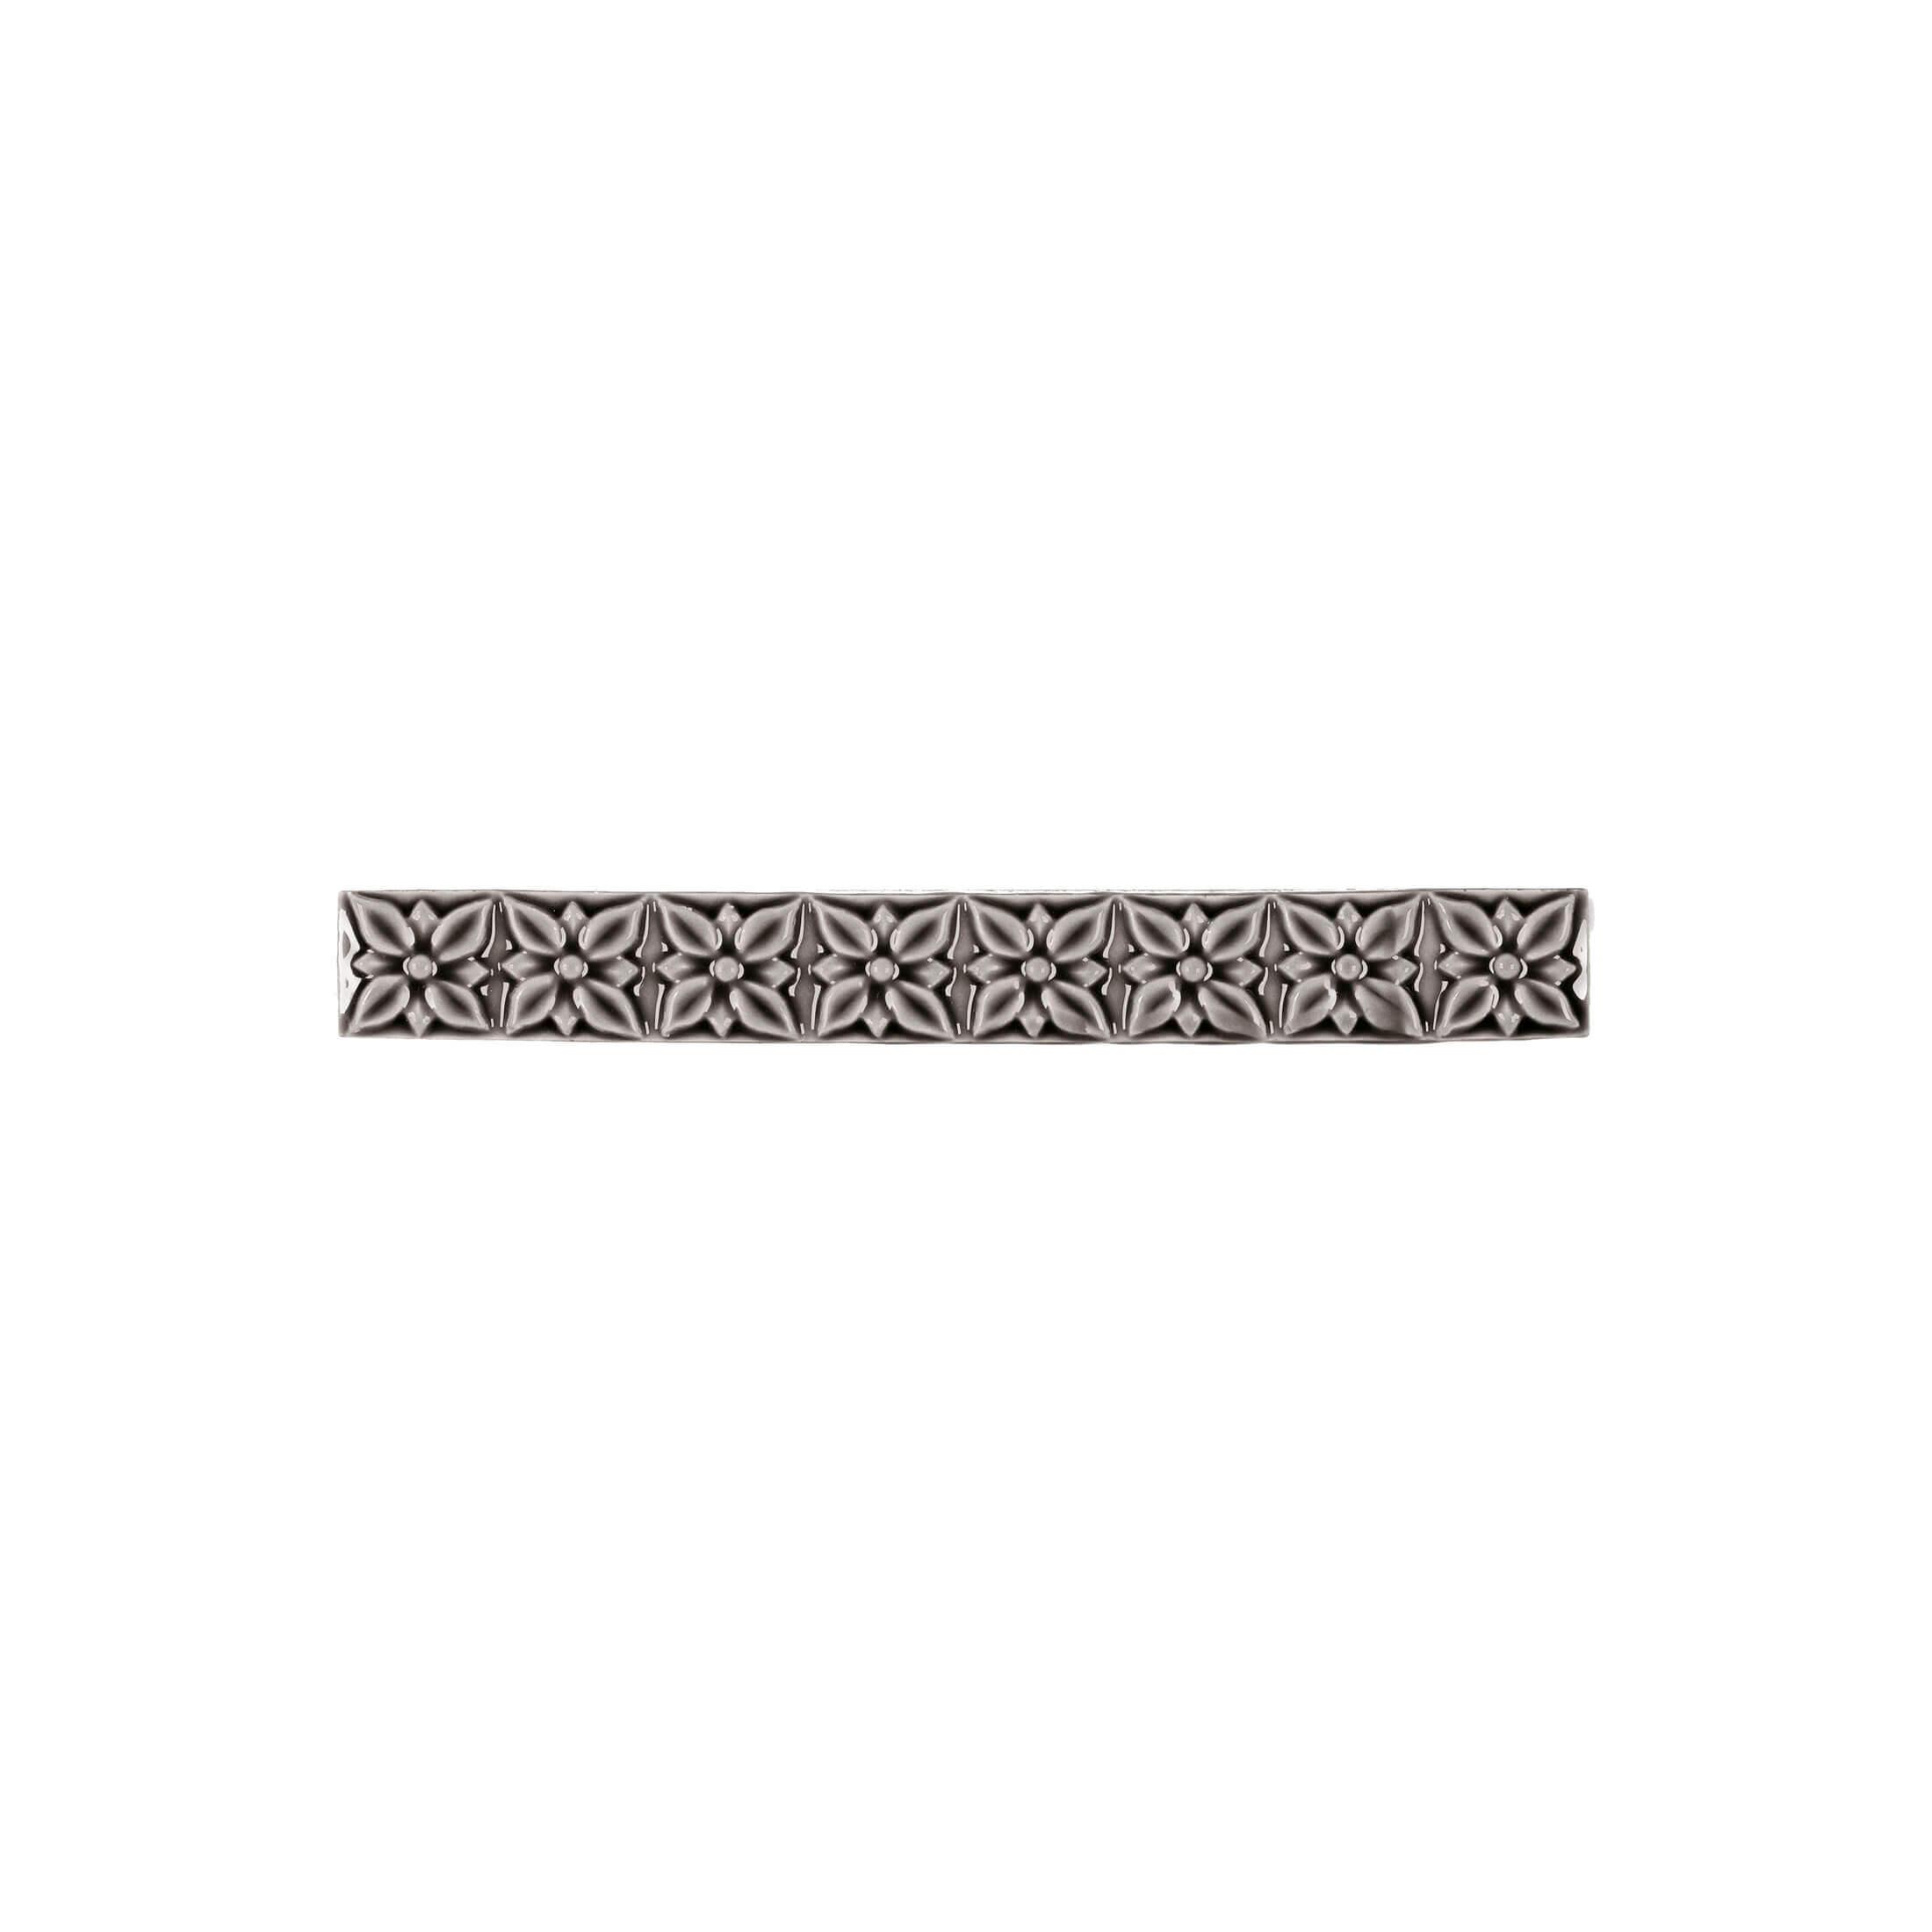 ADST4023 - RELIEVE PONCIANA - 3 cm X 19.8 cm